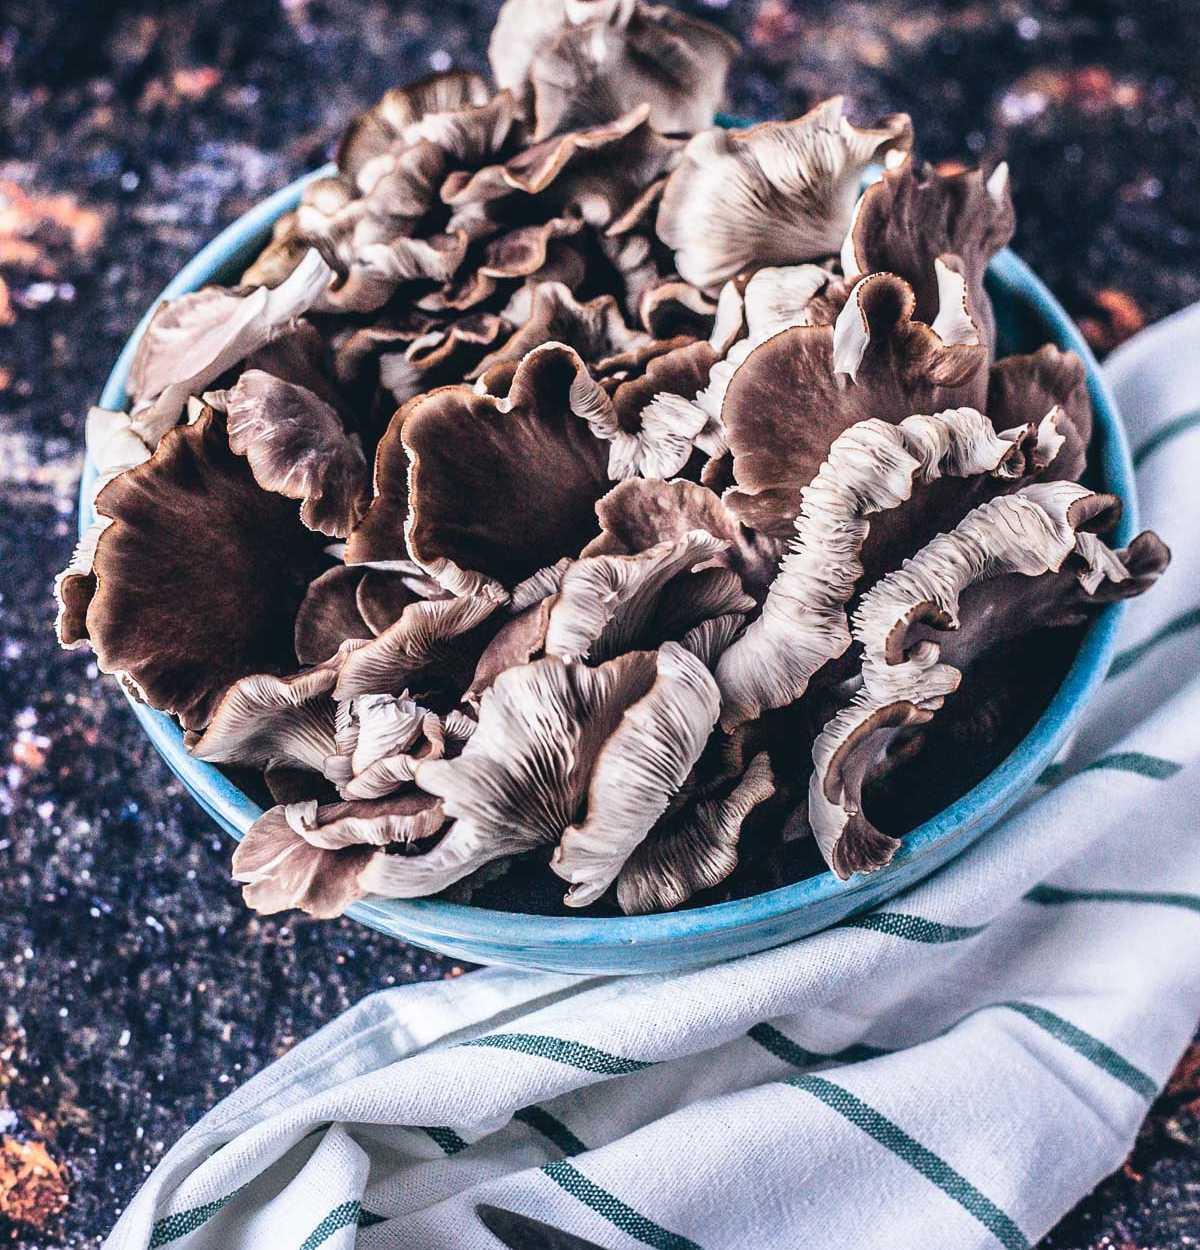 Pilze einfach zu Hause selber züchten Pilzkit Pilzgarten Helvesiek |GourmetGuerilla.de